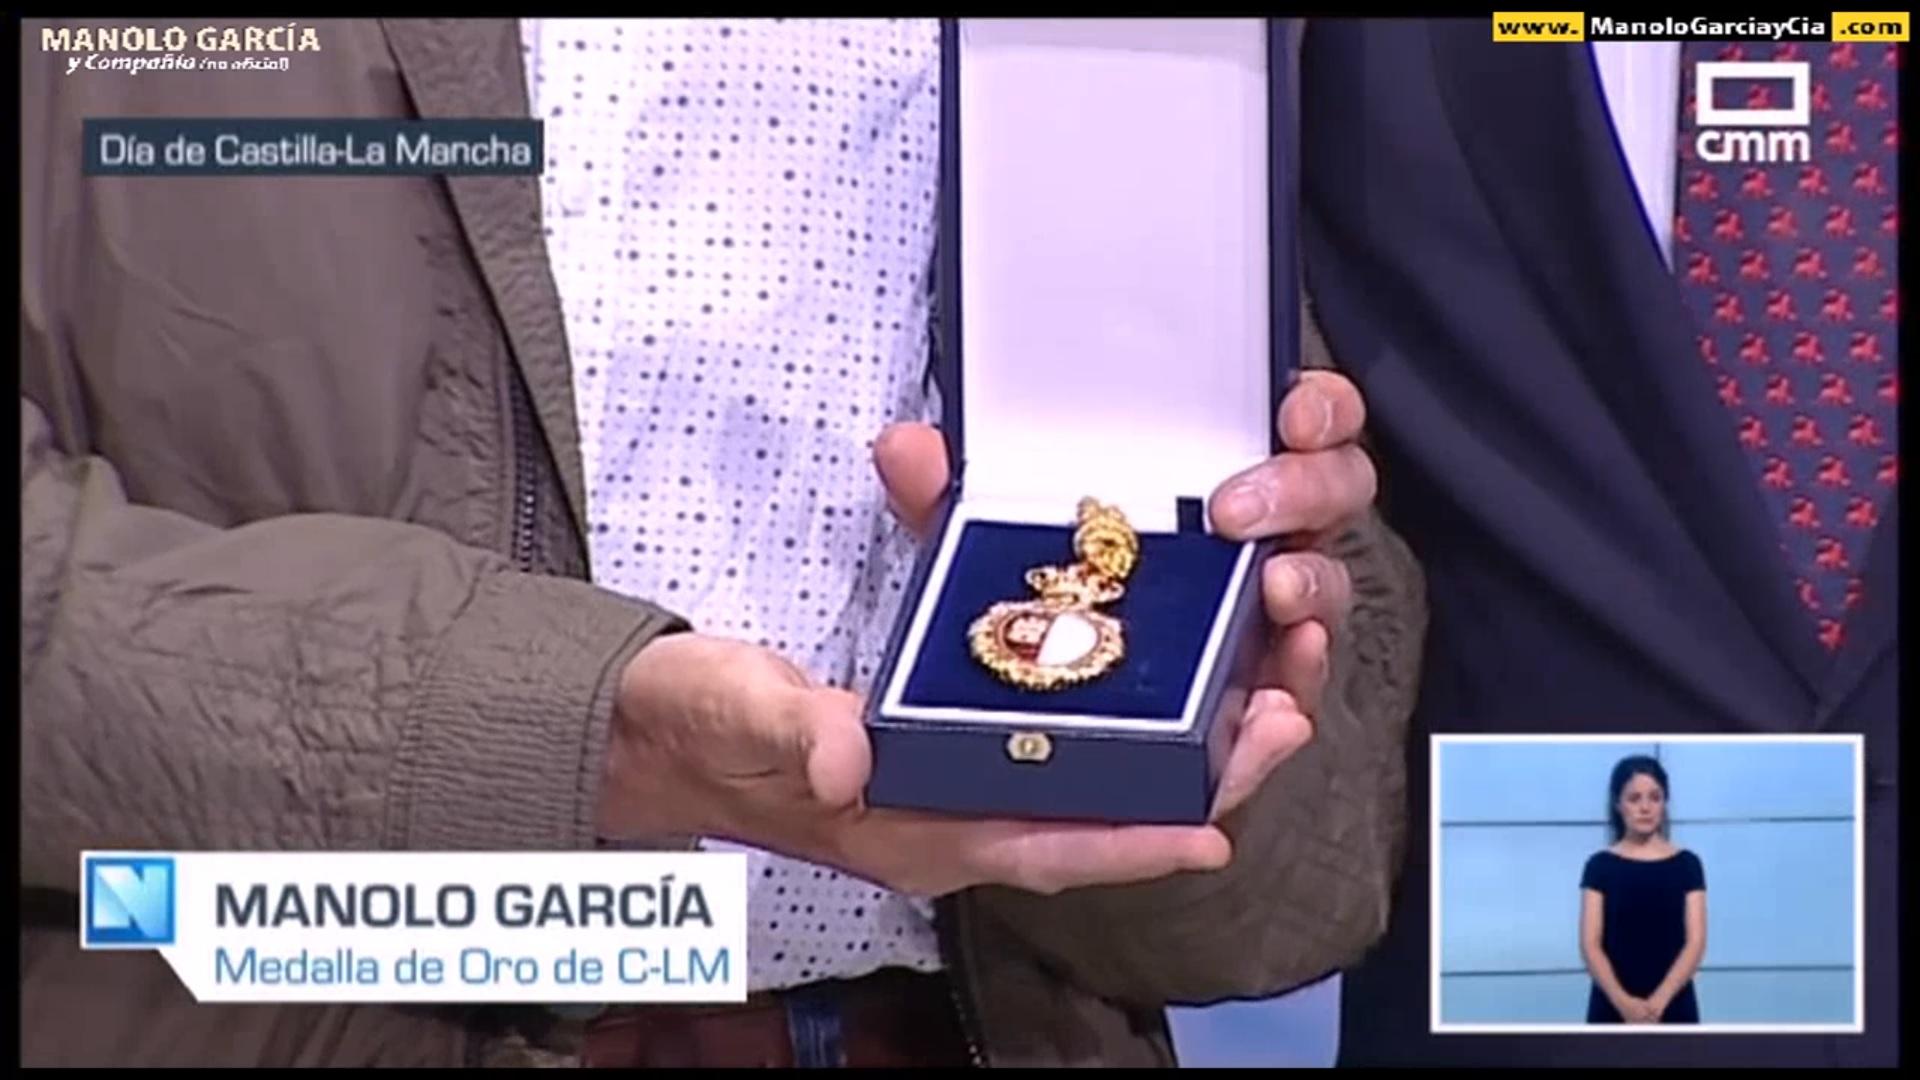 Manolo García recibe la Medalla de Oro de Castilla La Mancha